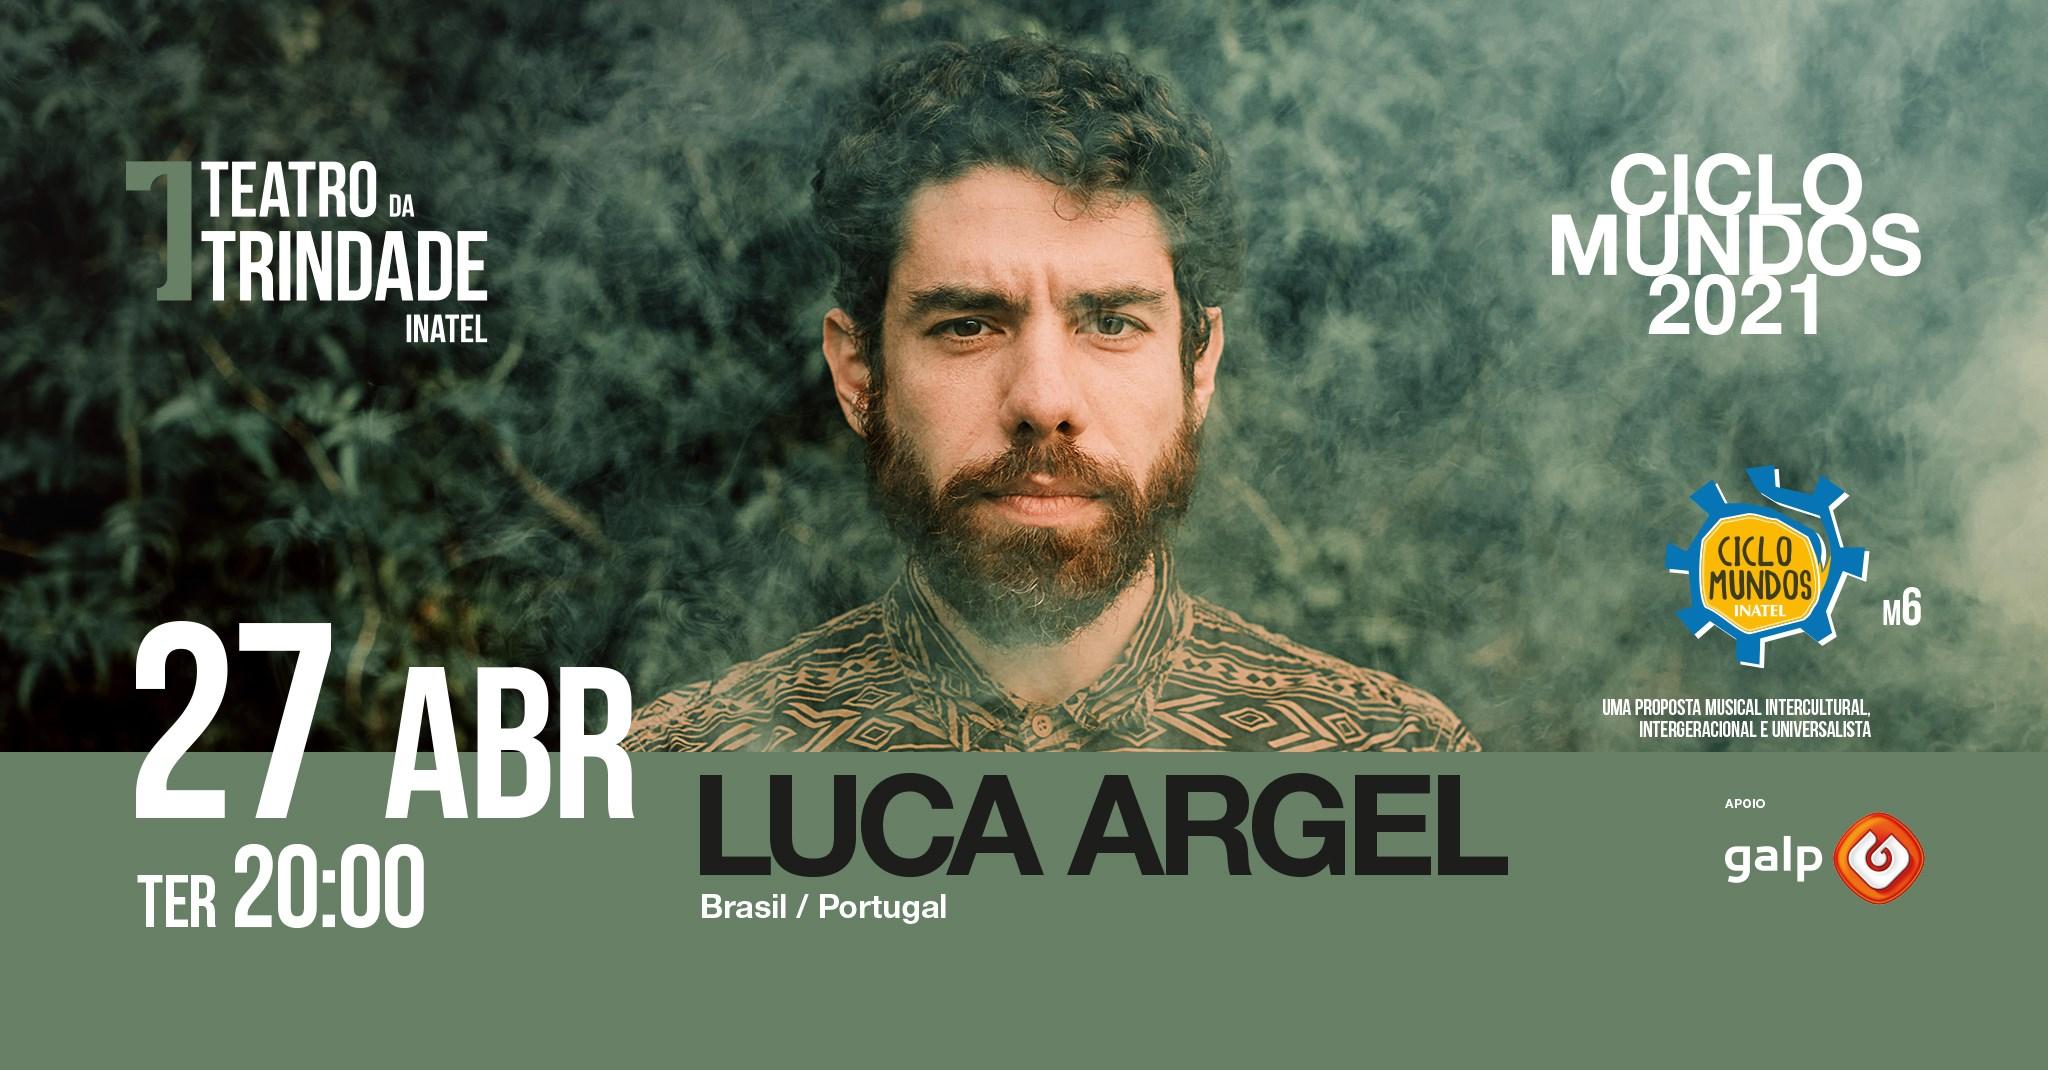 Ciclo Mundos com Luca Argel